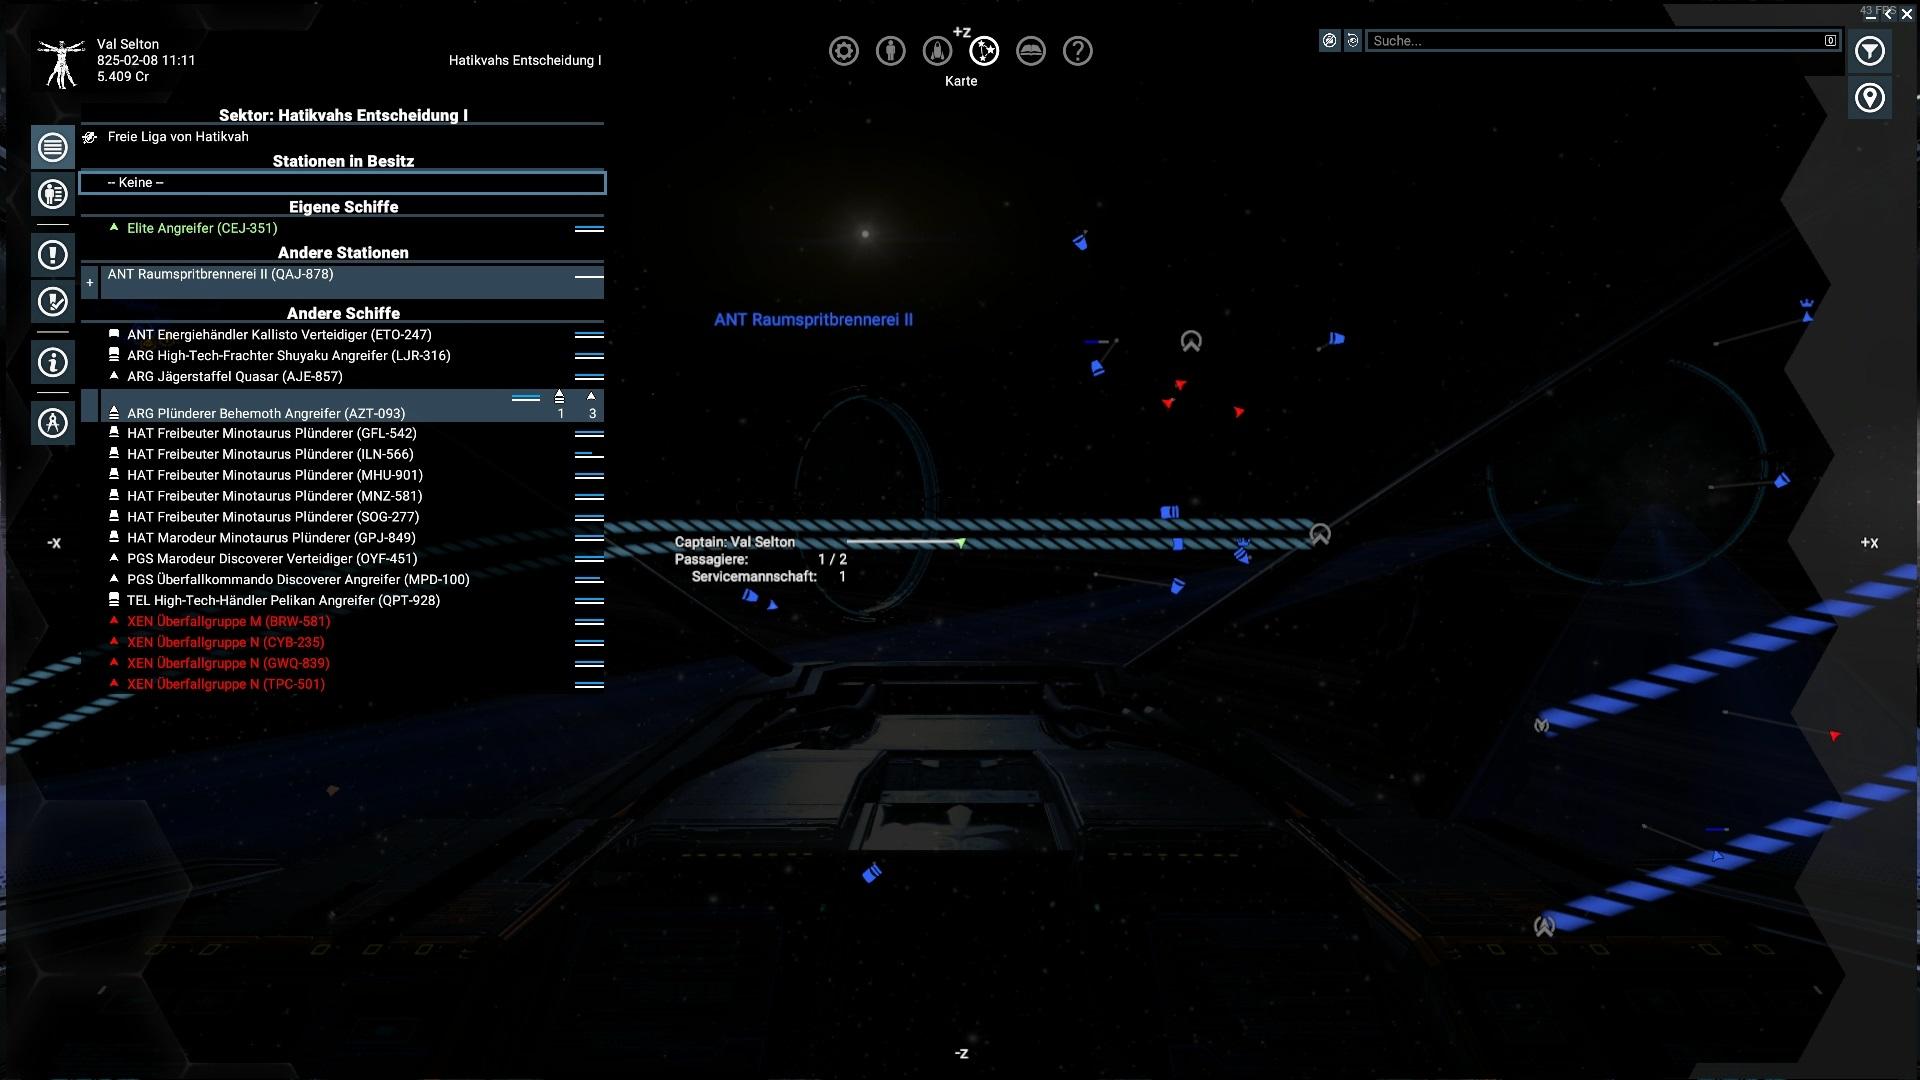 X3 Reunion Karte.Mod Shields And Weapons Balance Overhaul 1 74 Page 3 Egosoft Com